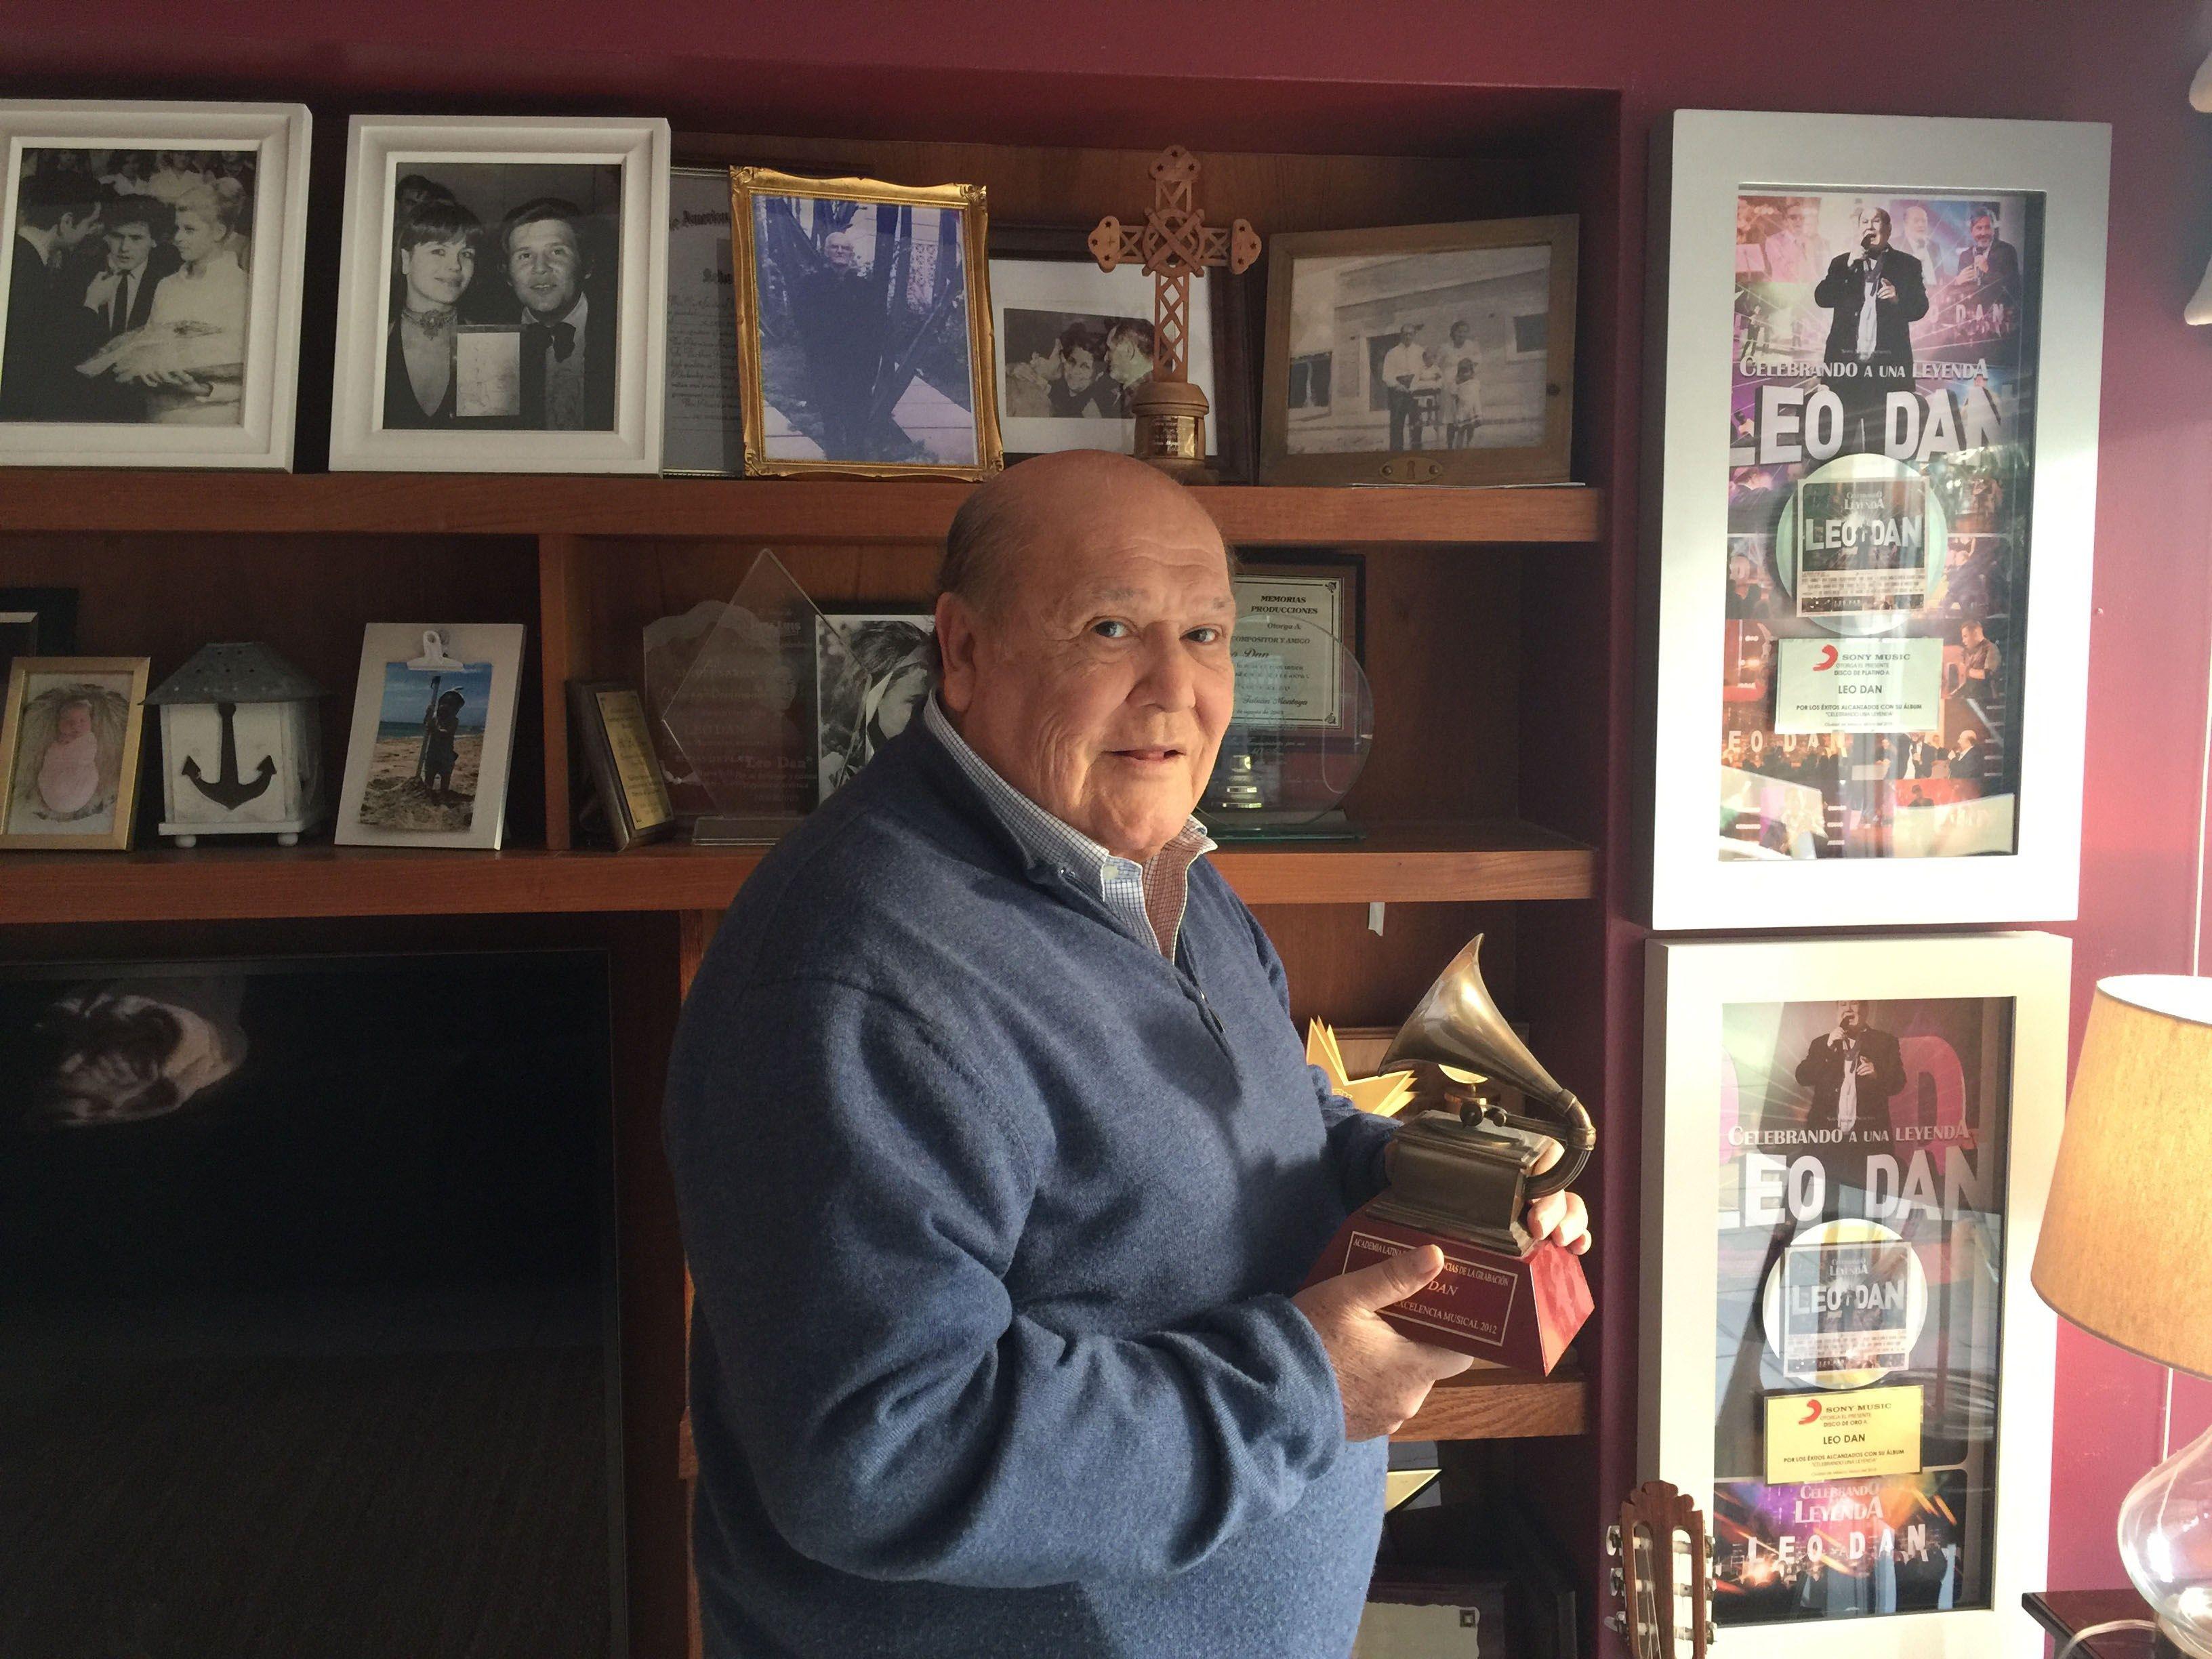 El cantante argentino Leo Dan tienen más de 70 álbumes grabados. (EFE).